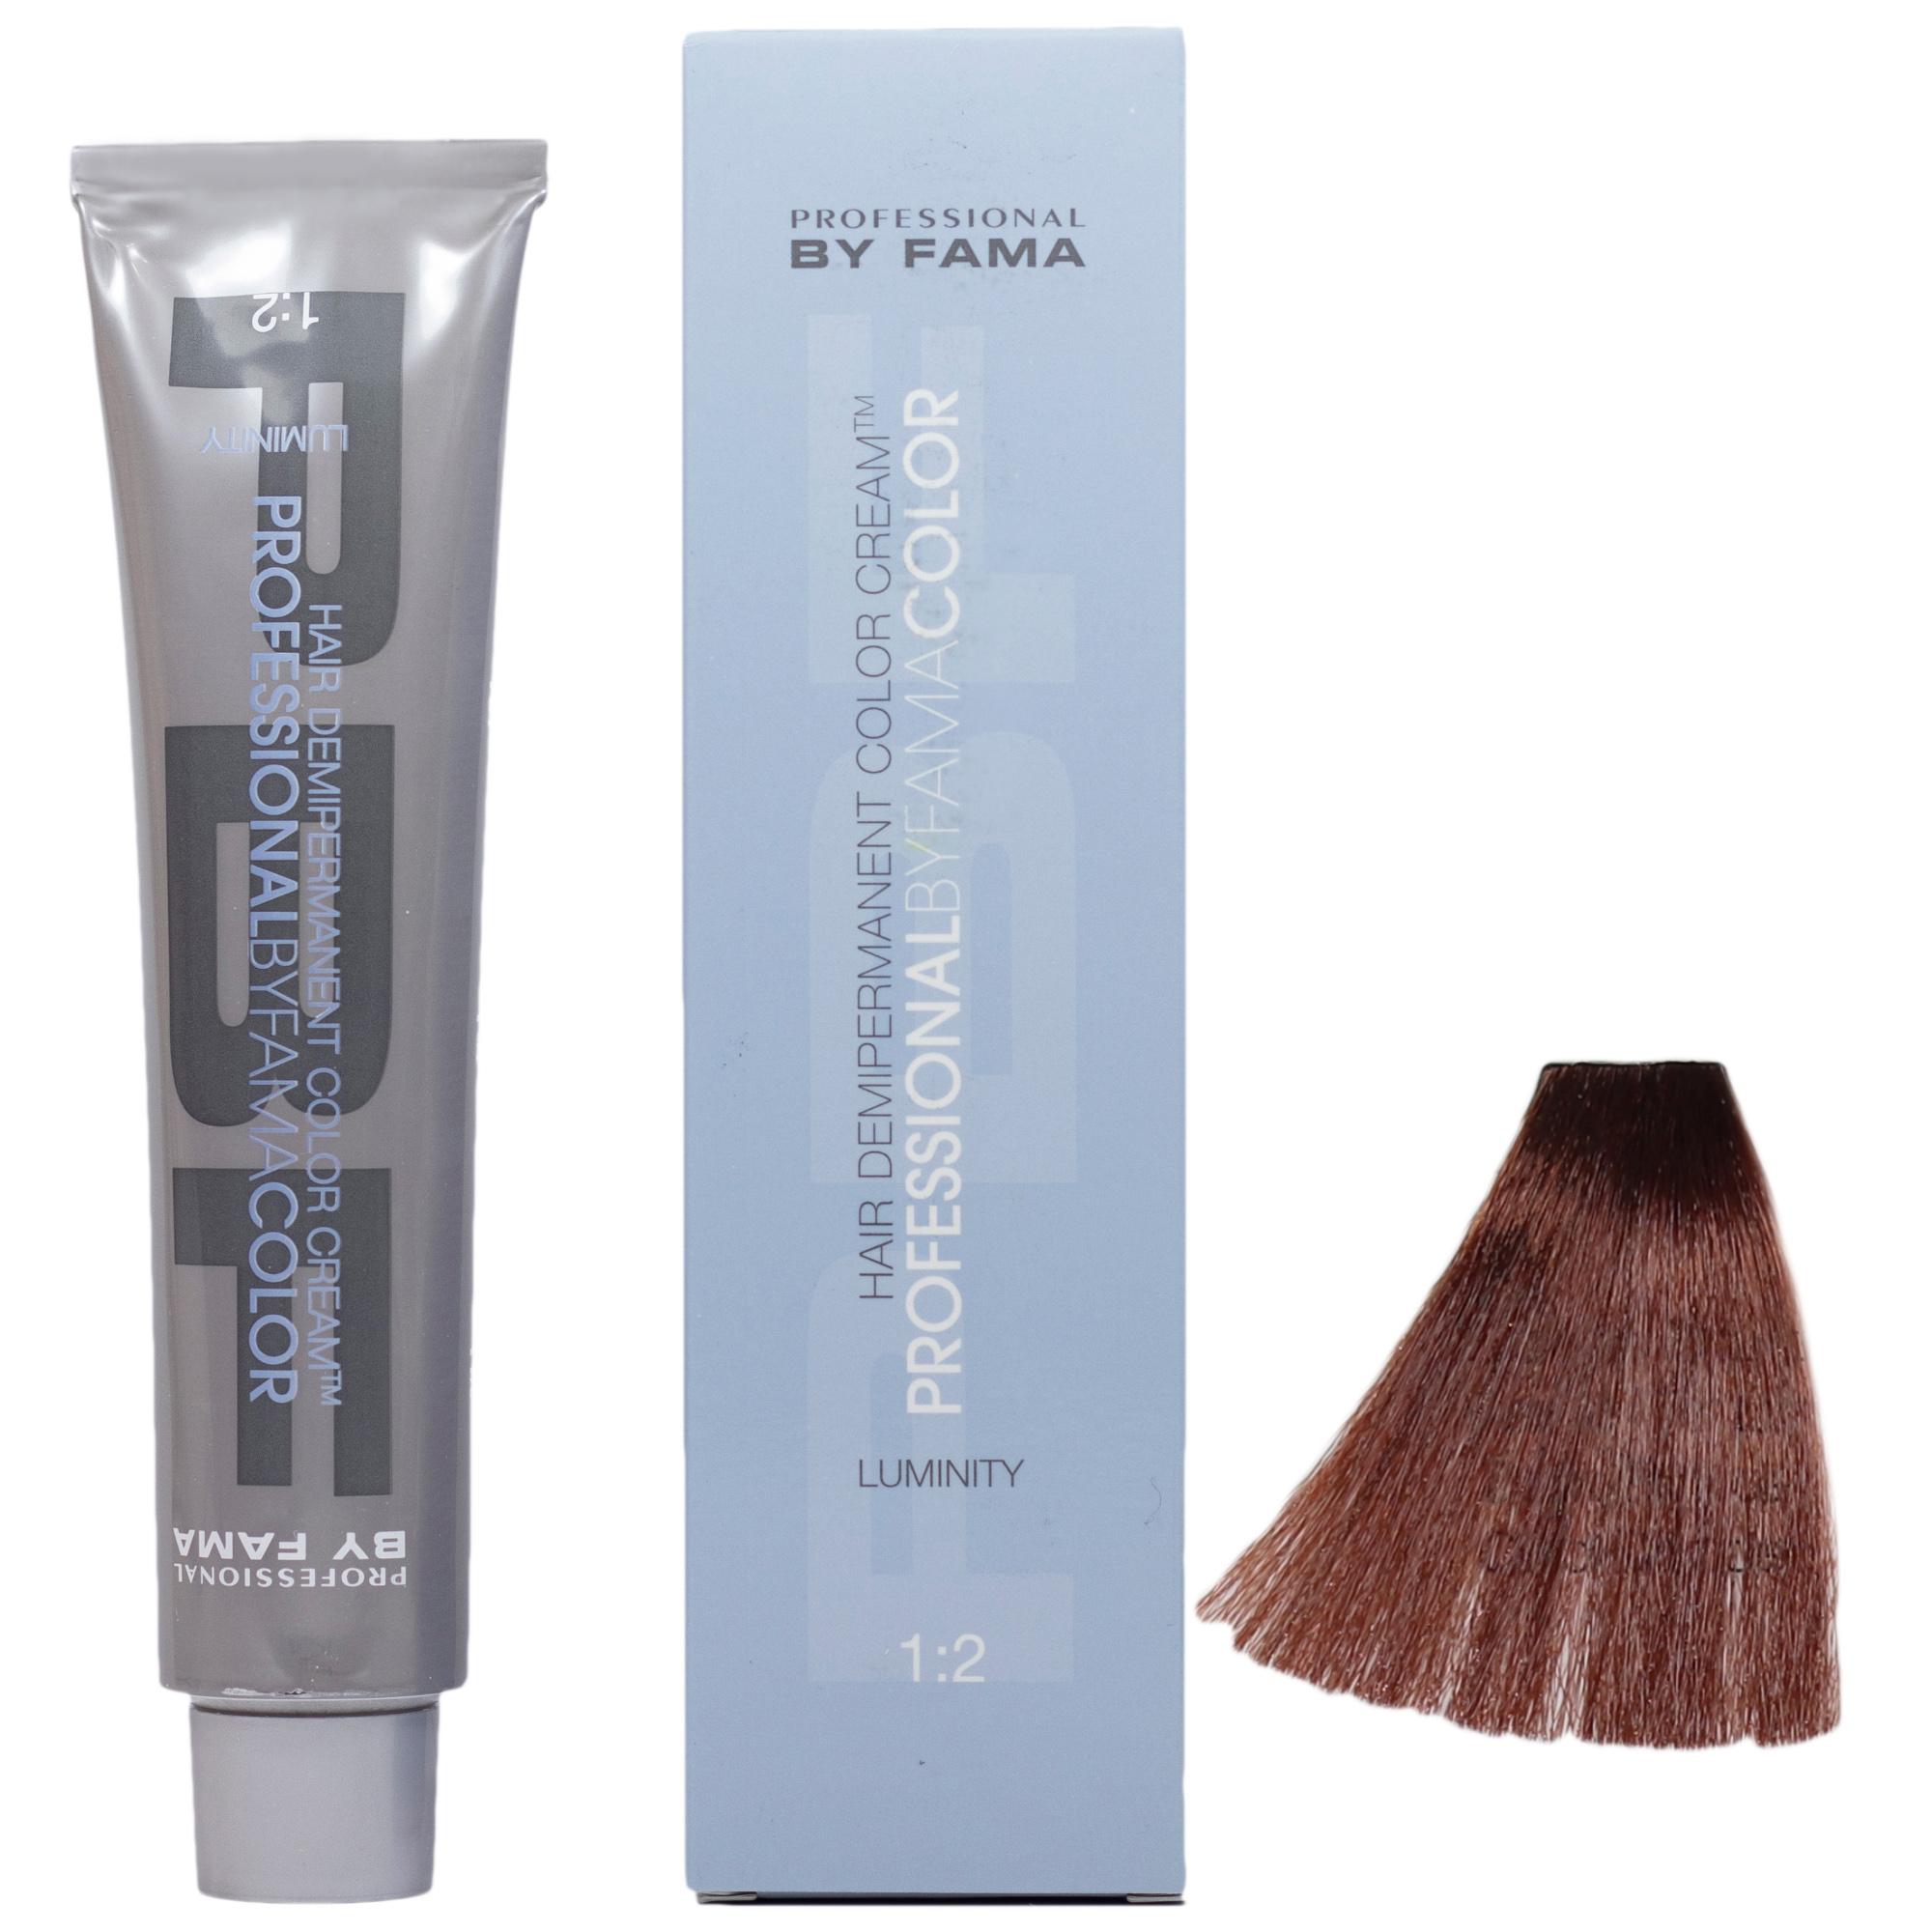 رنگ مو پروفشنال بای فاما سری لومینیتی شماره 6.14 حجم 80 میلی لیتر رنگ مسی متوسط